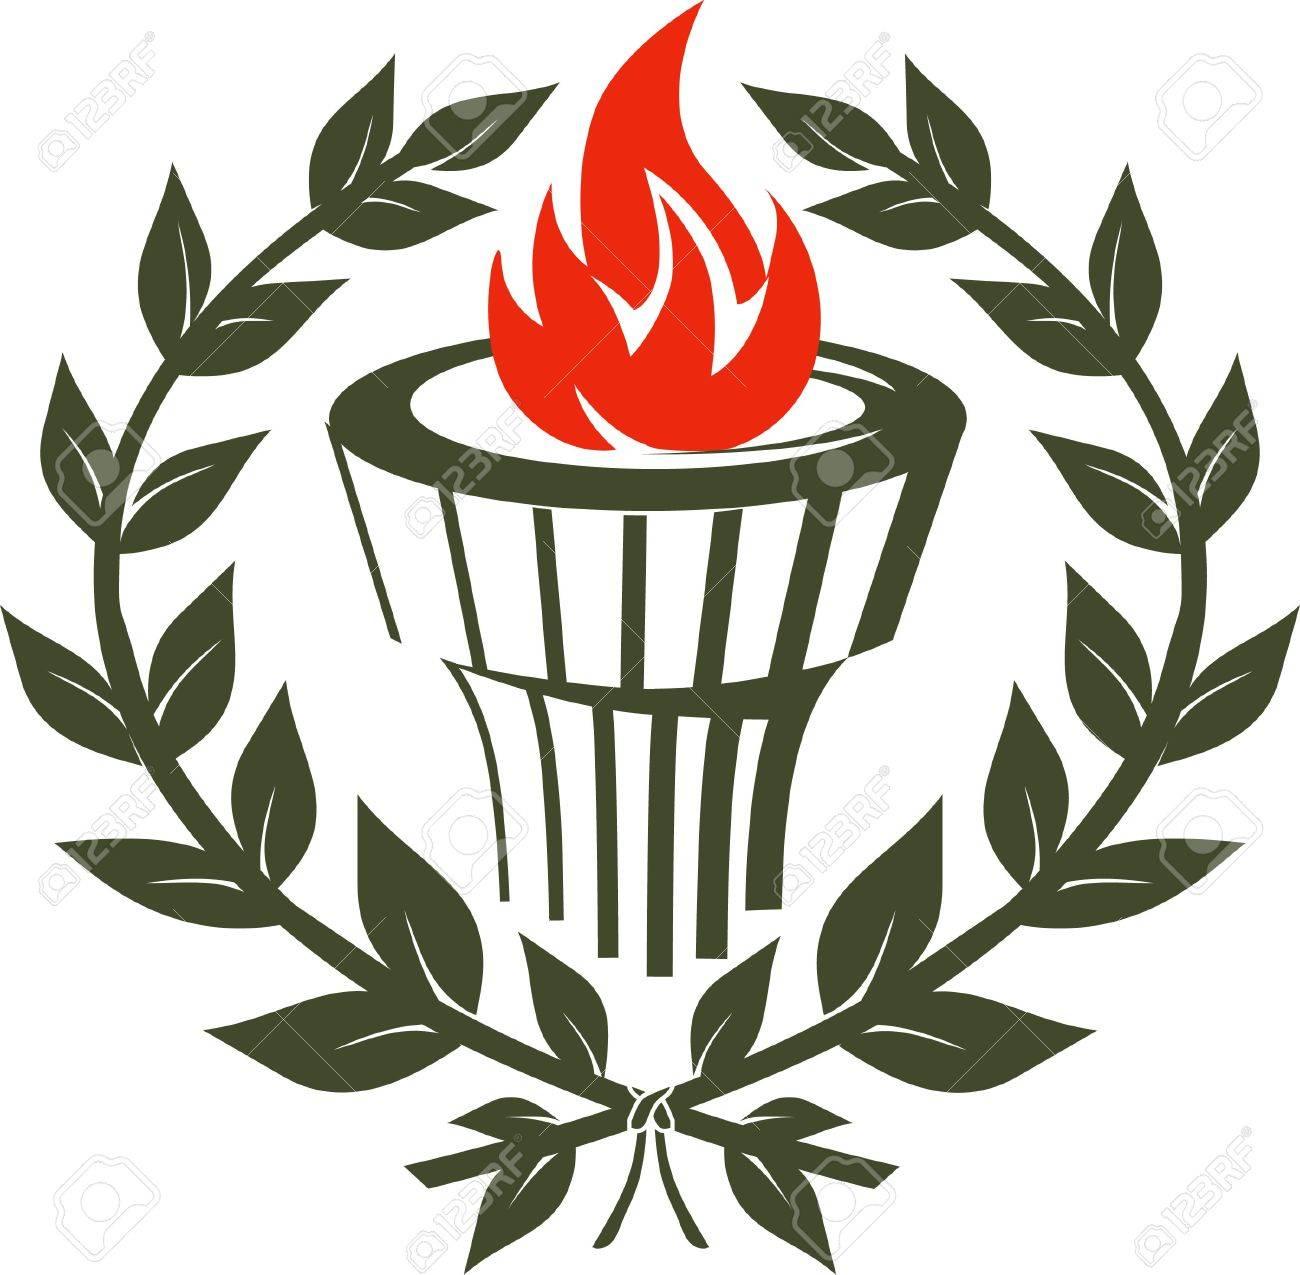 Laurel Torch Emblem Stock Vector - 9886622